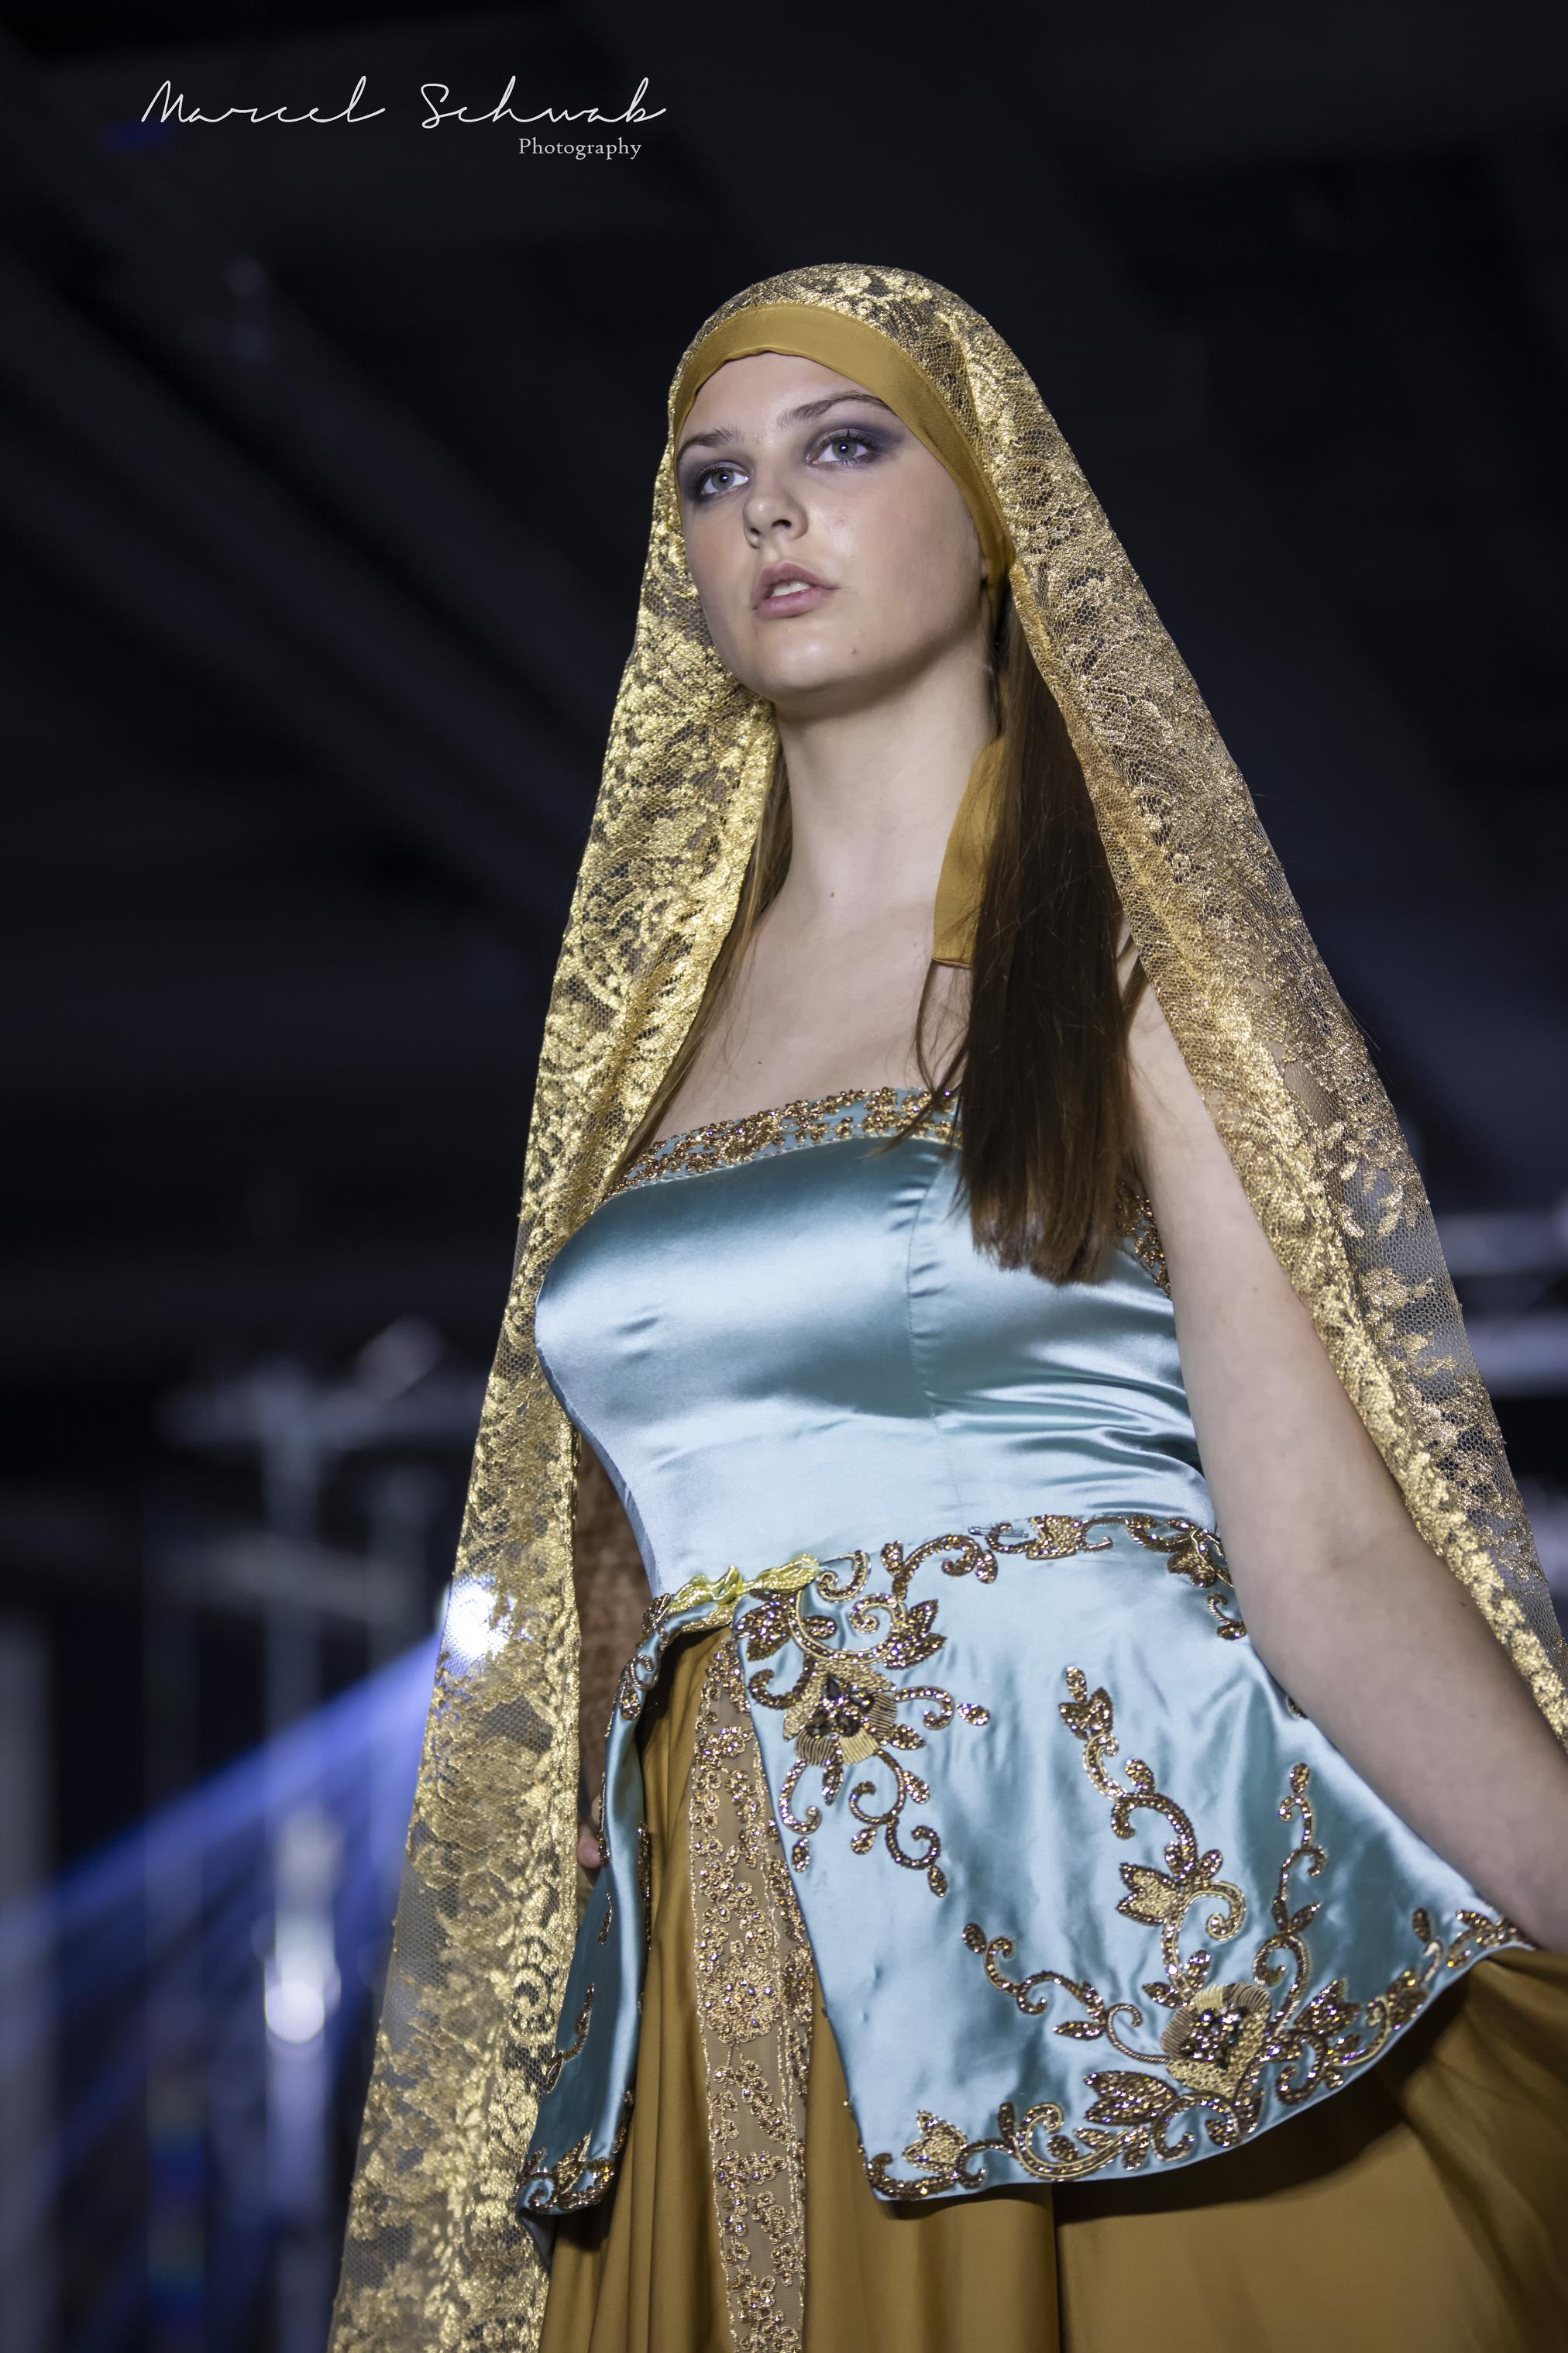 Lichtgroene jurk met gouden rok